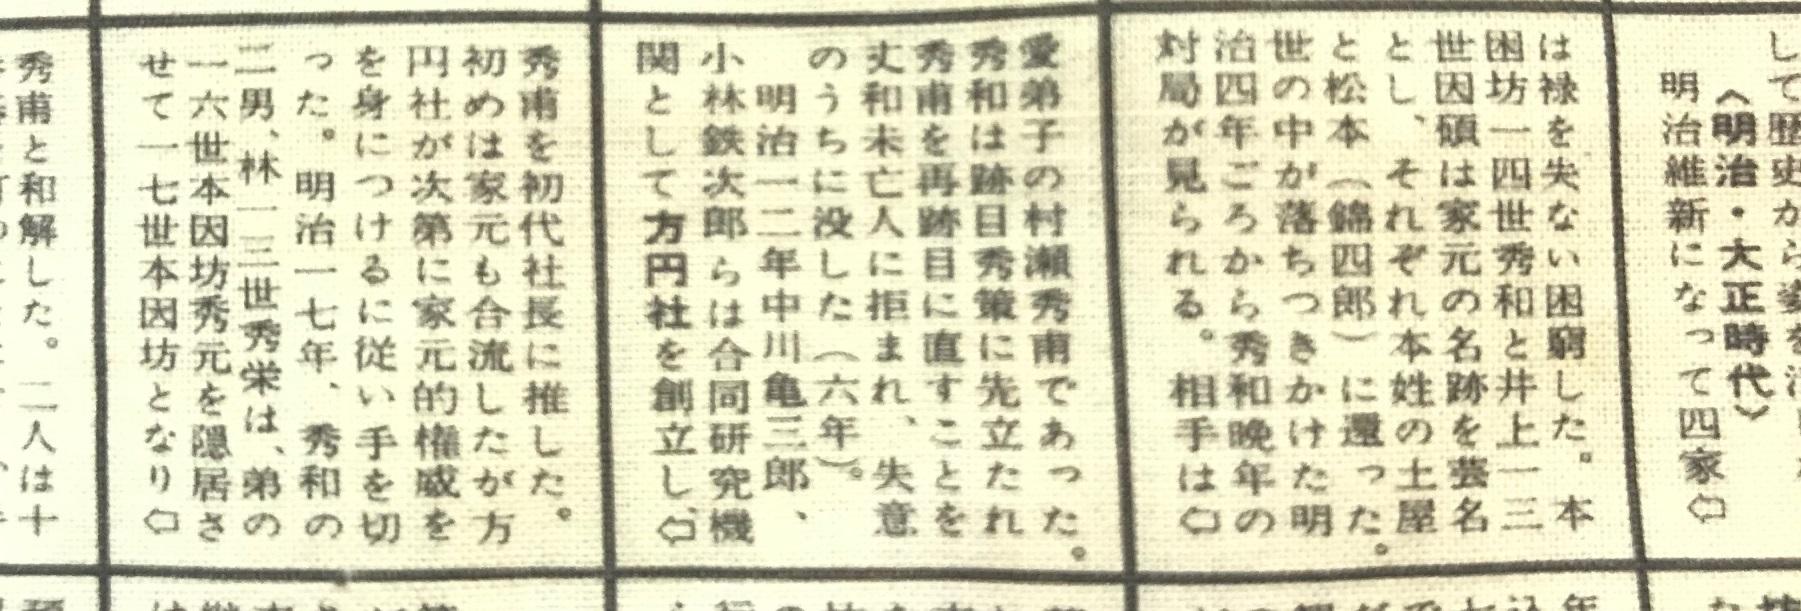 『囲碁百科ハンカチ』 その45